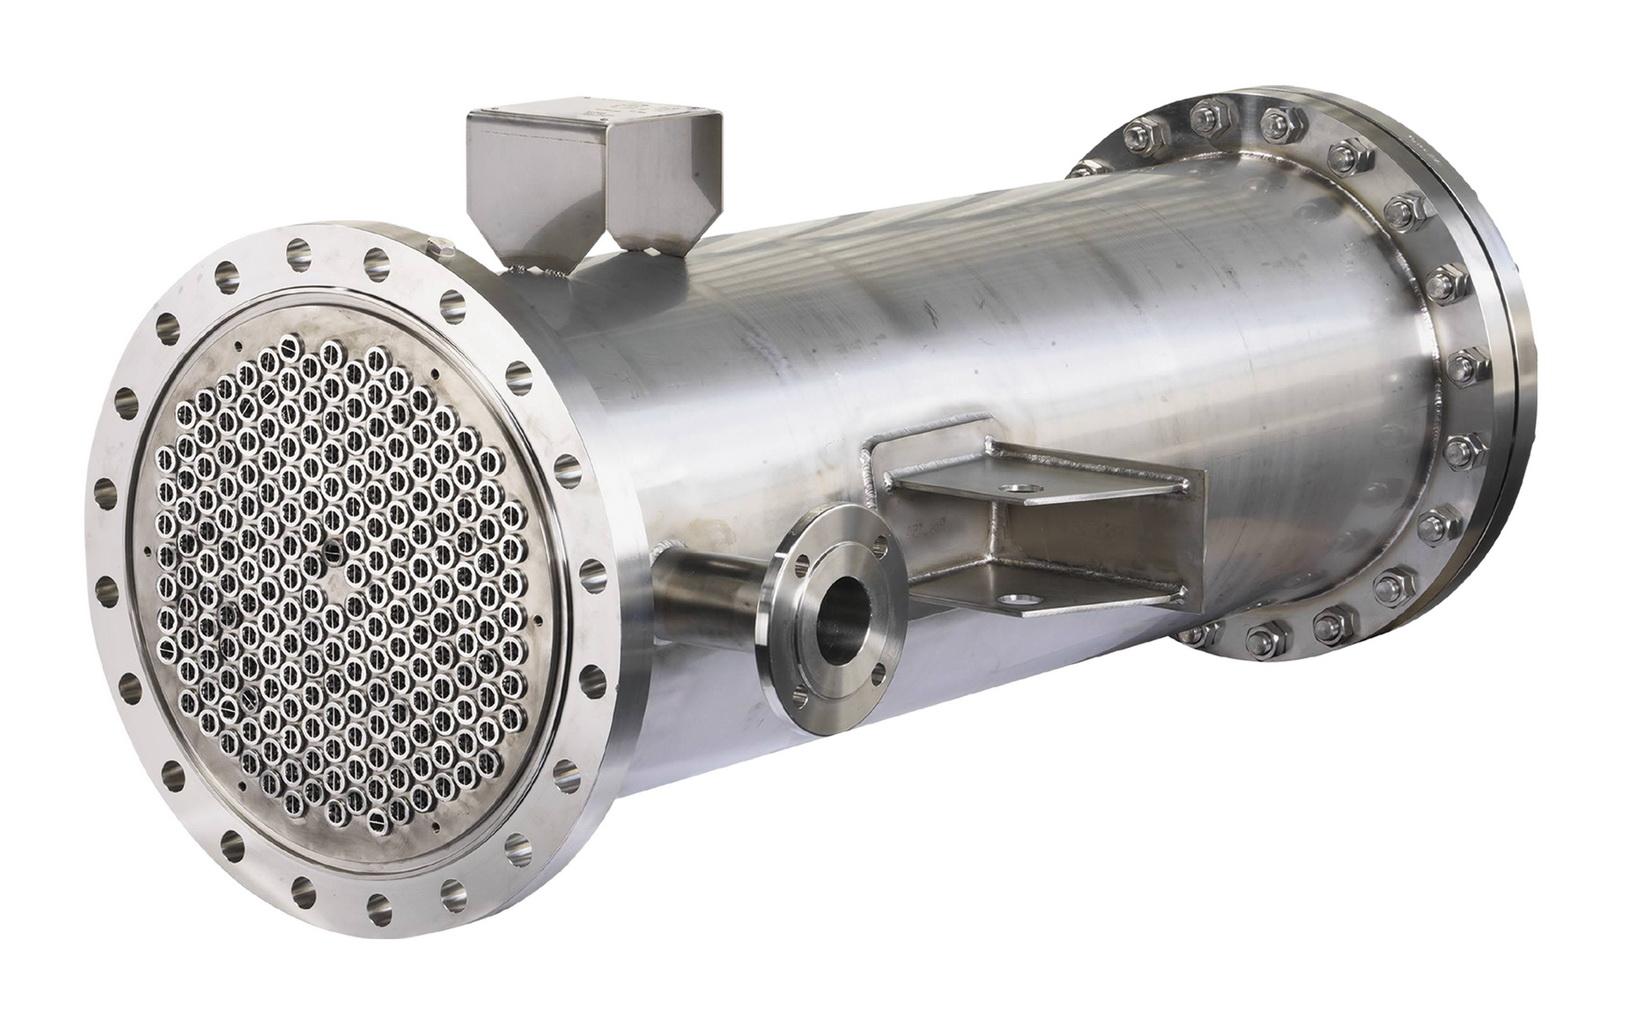 Теплообменники это теплообменник труба в трубе с одинаковыми площадями проходных сечений